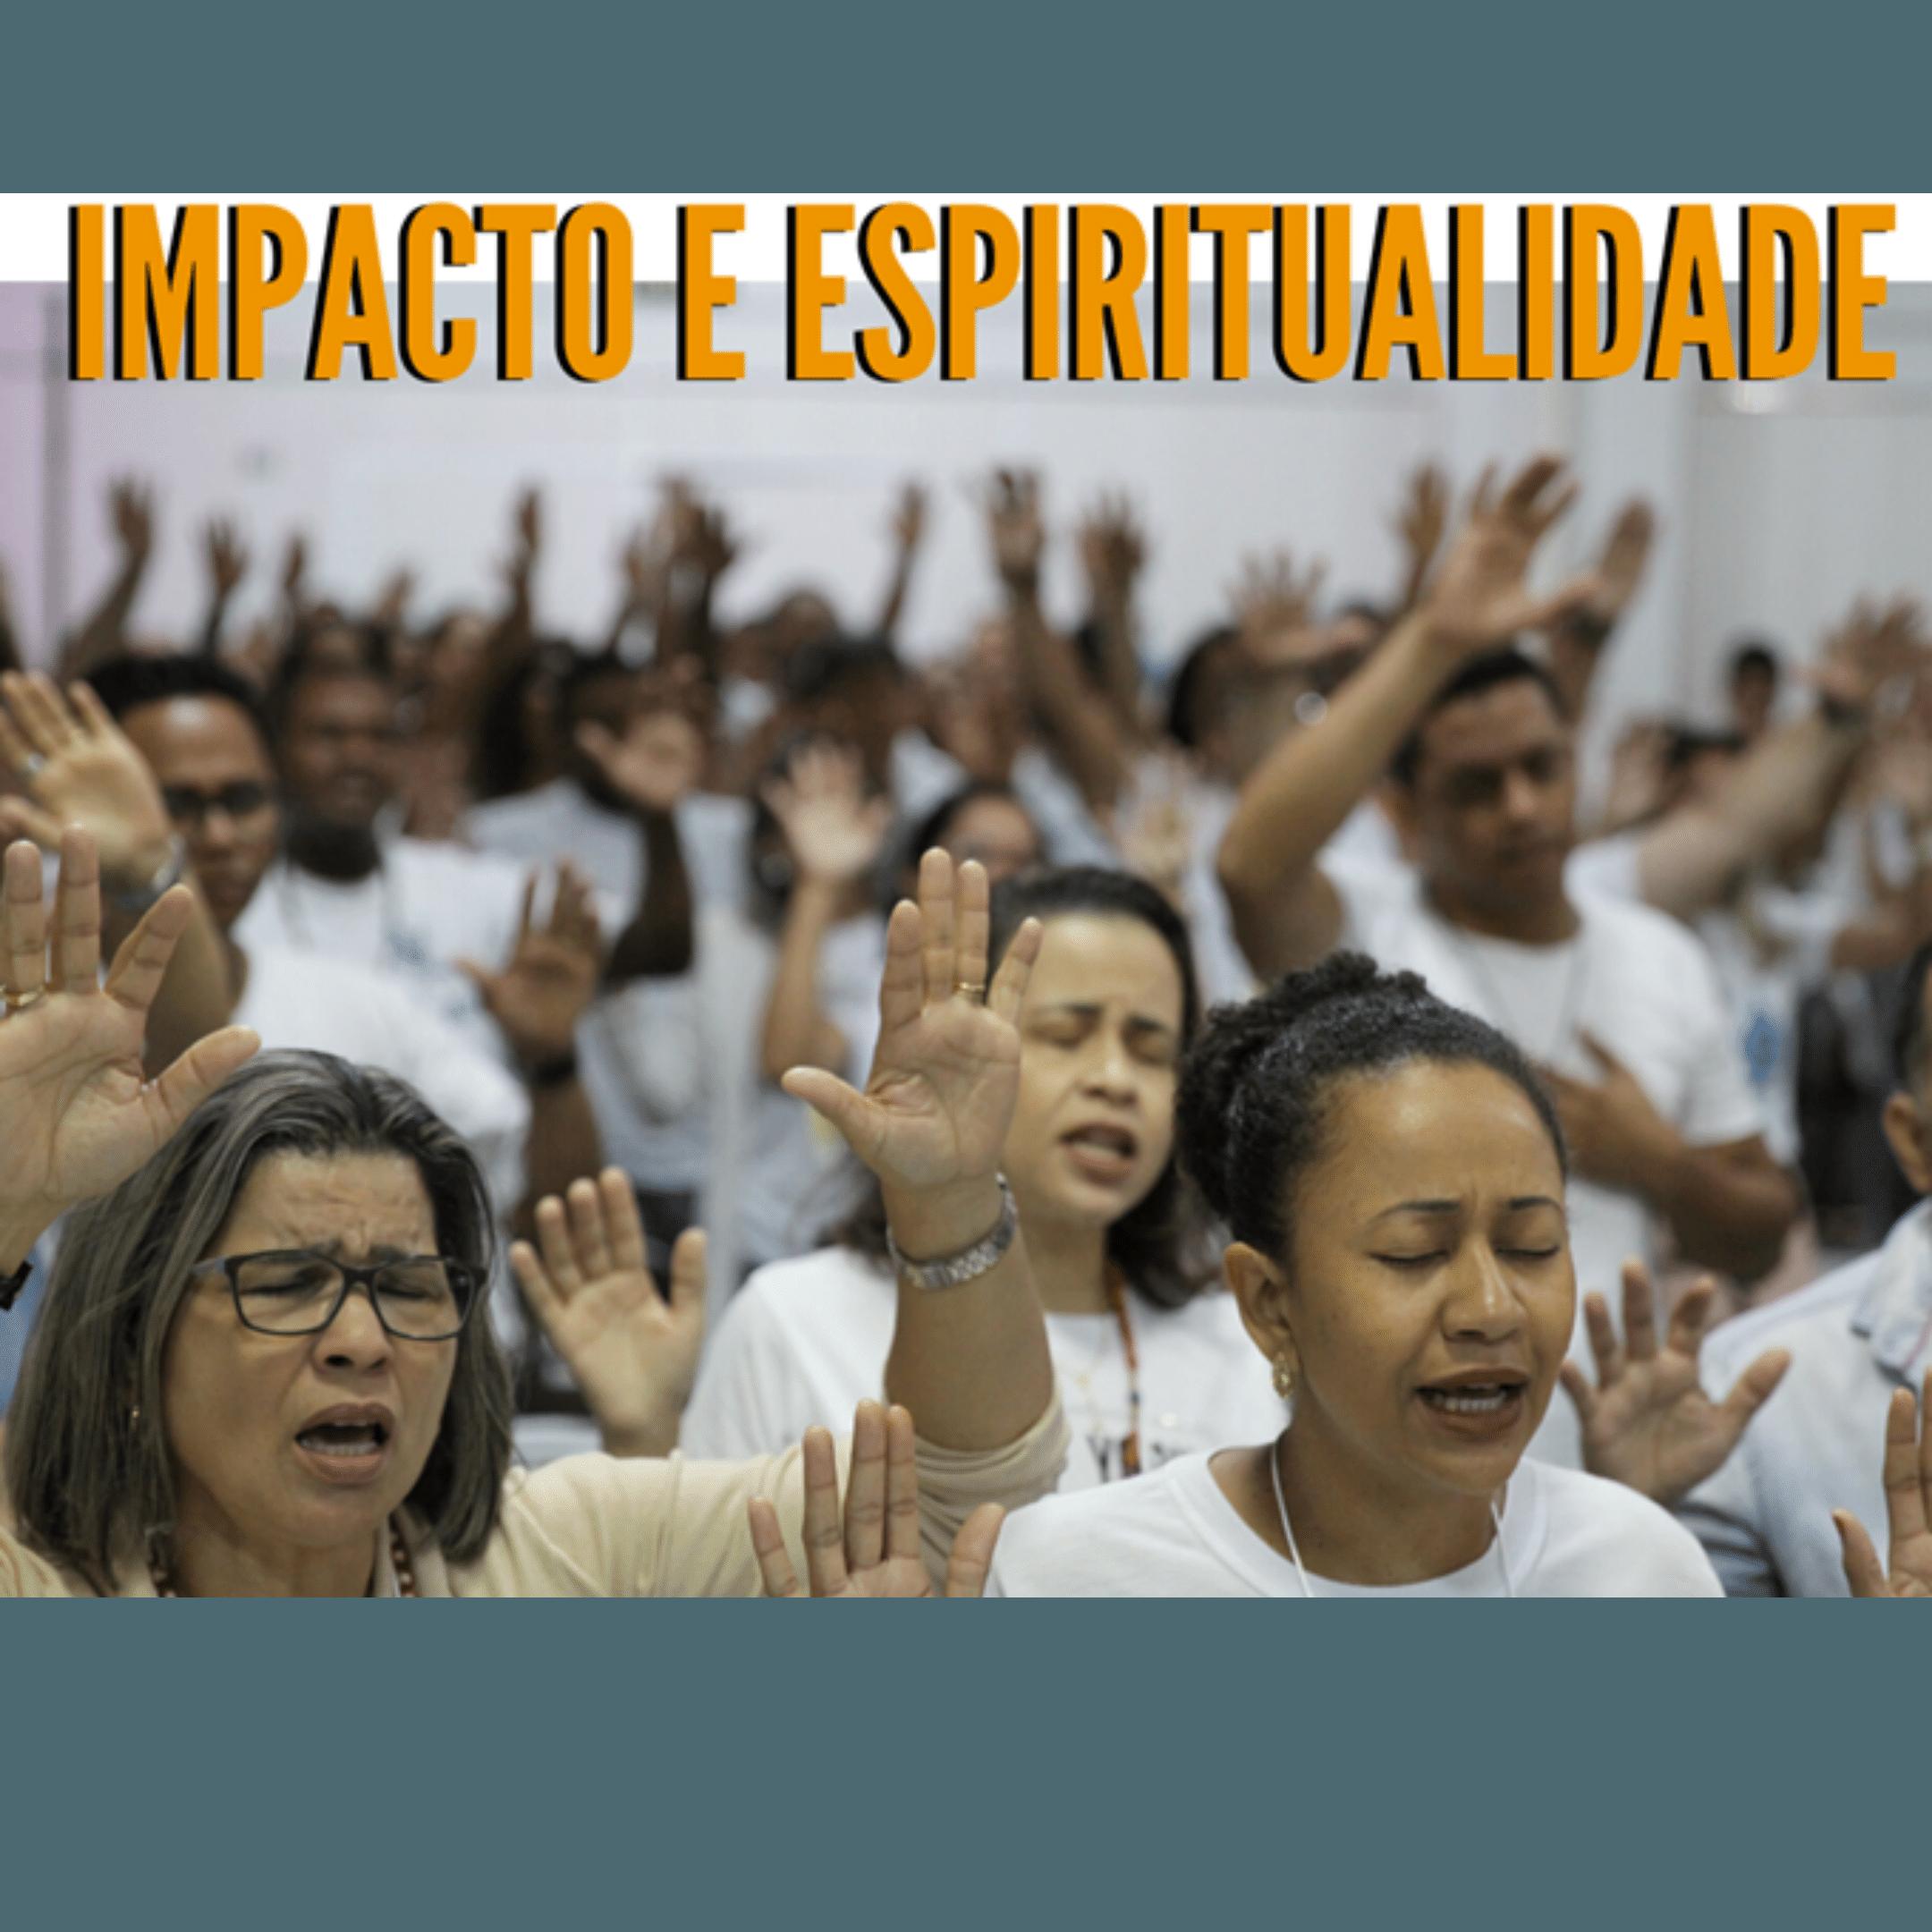 IMPACTO E ESPIRITUALIDADE